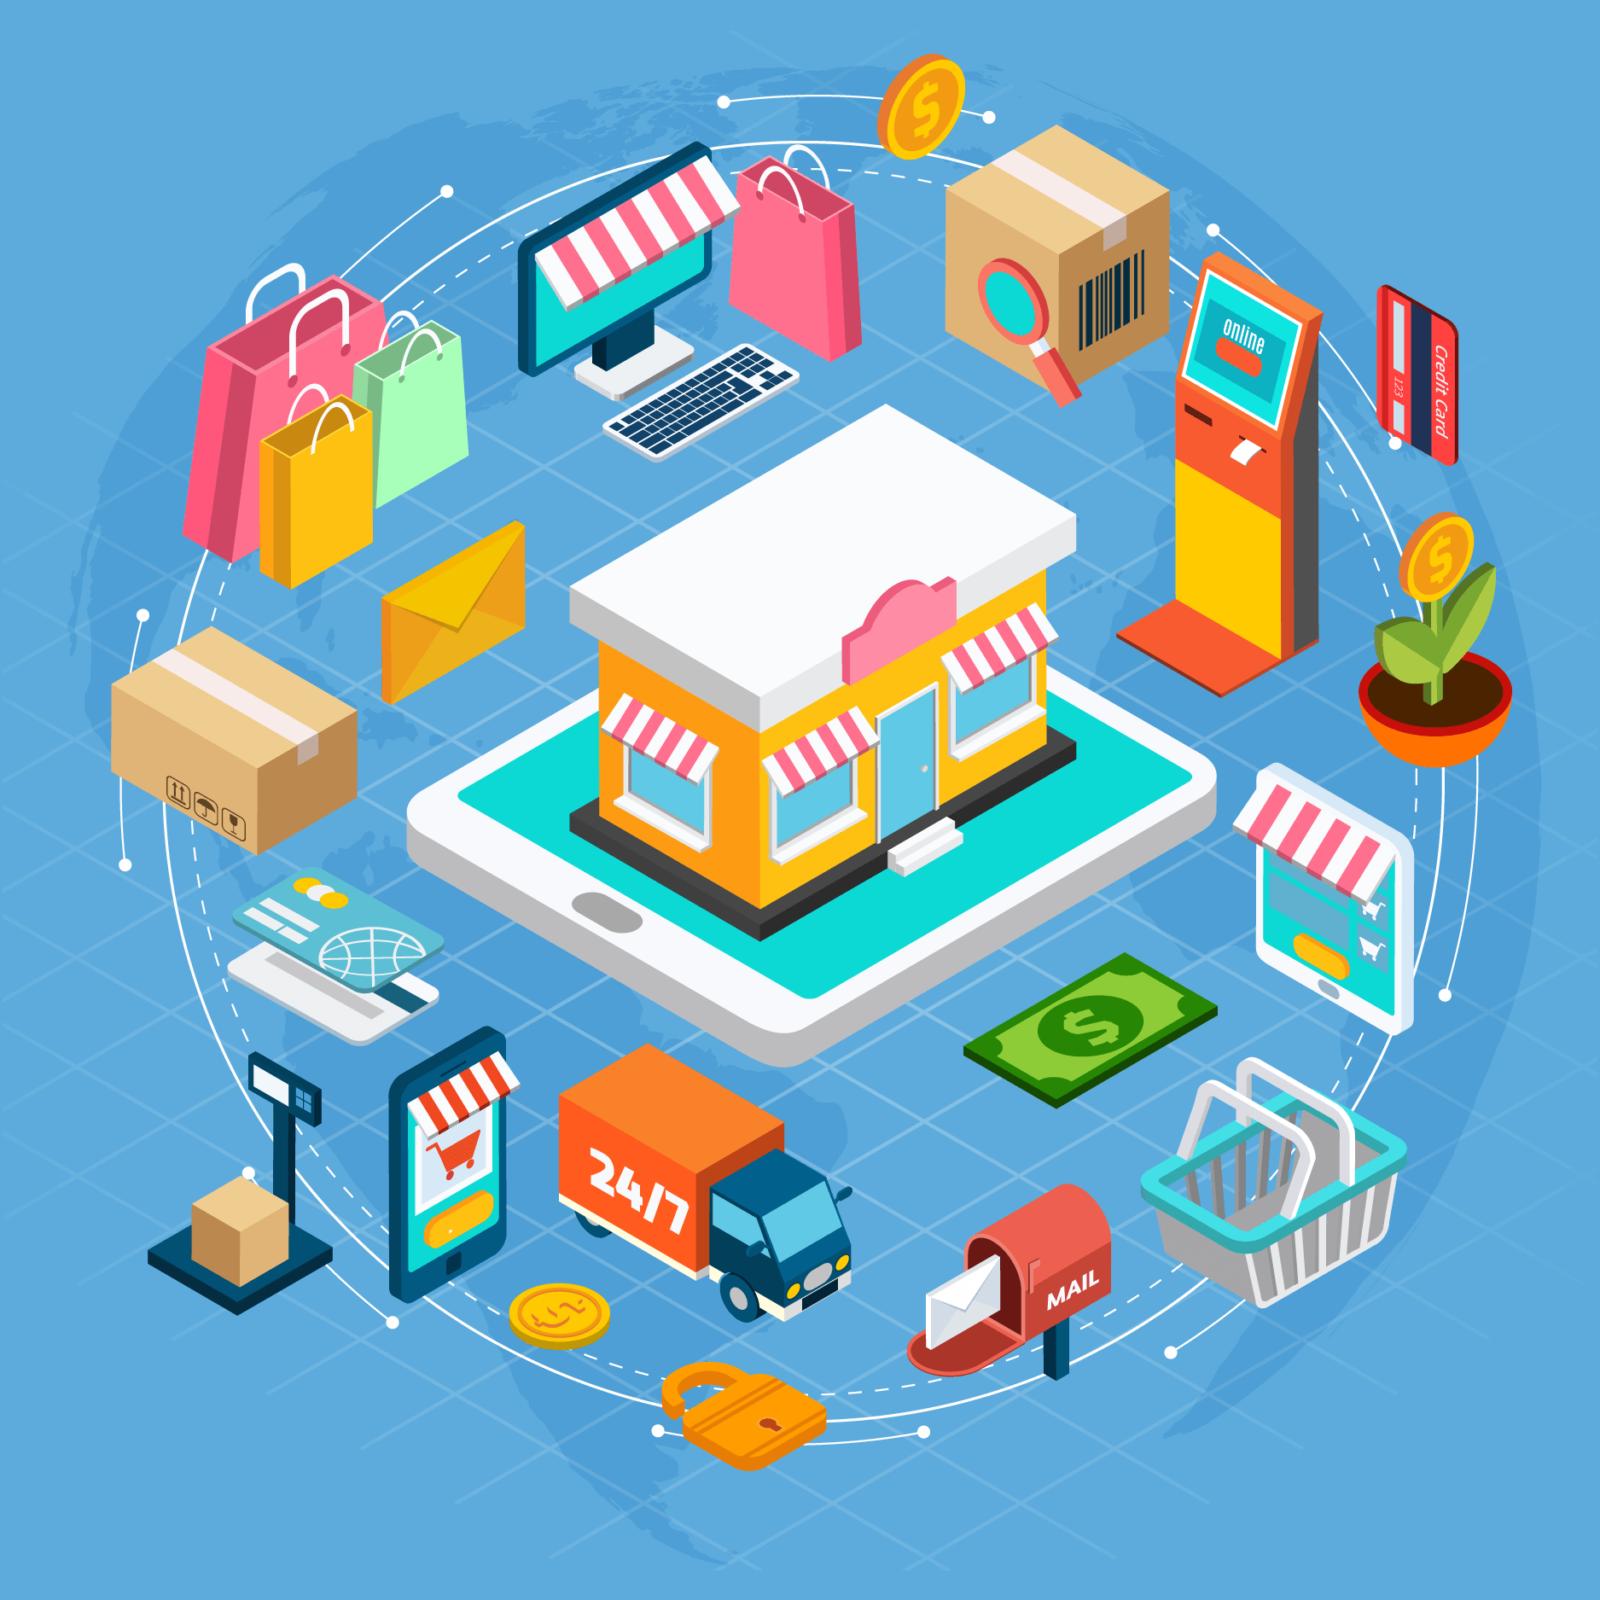 tienda online pie - Desarrollo de aplicaciones moviles - creadores de app de Android o de iOS